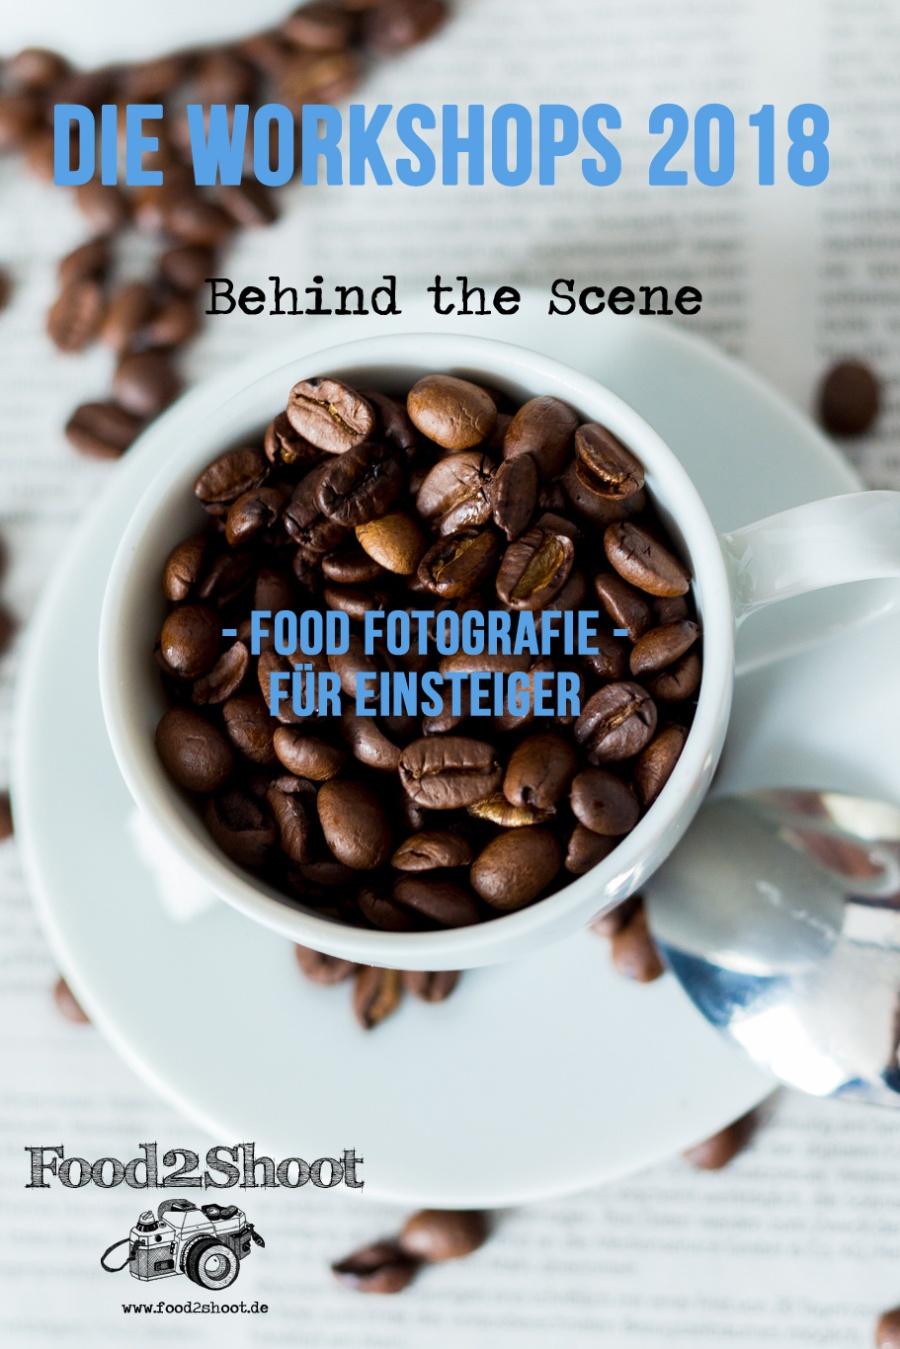 Food Fotografie, Einsteiger, Behind the Scene, Food2Shoot, Zuckerimsalz, Einblicke, Tipps, Hinter den Kulissen